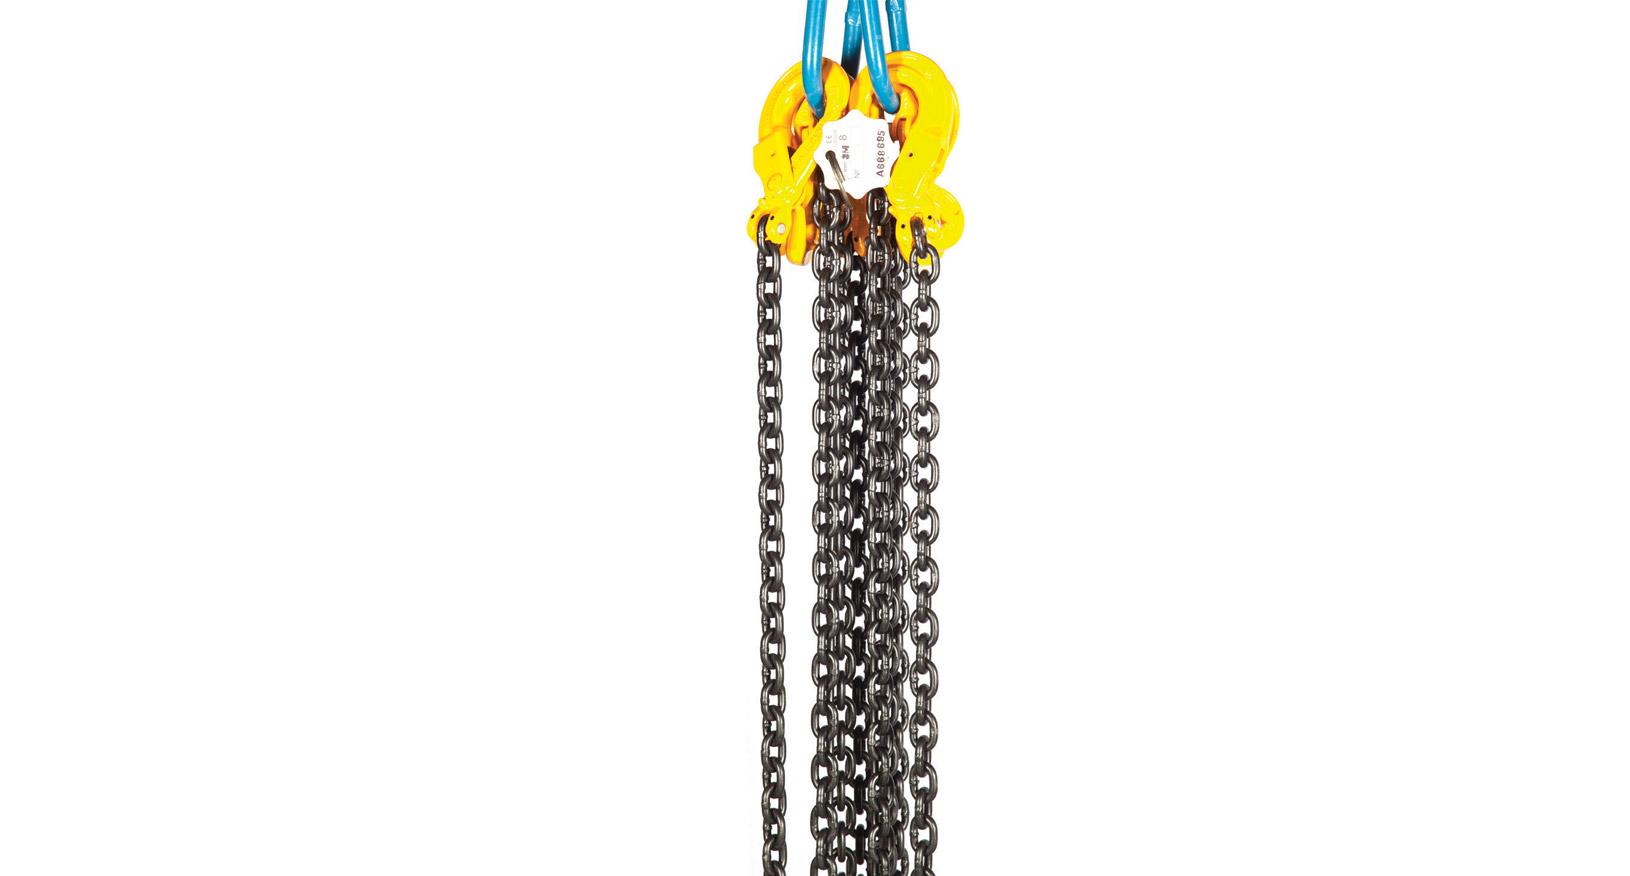 6.7T 10mm 4 Leg Chain 3-6M